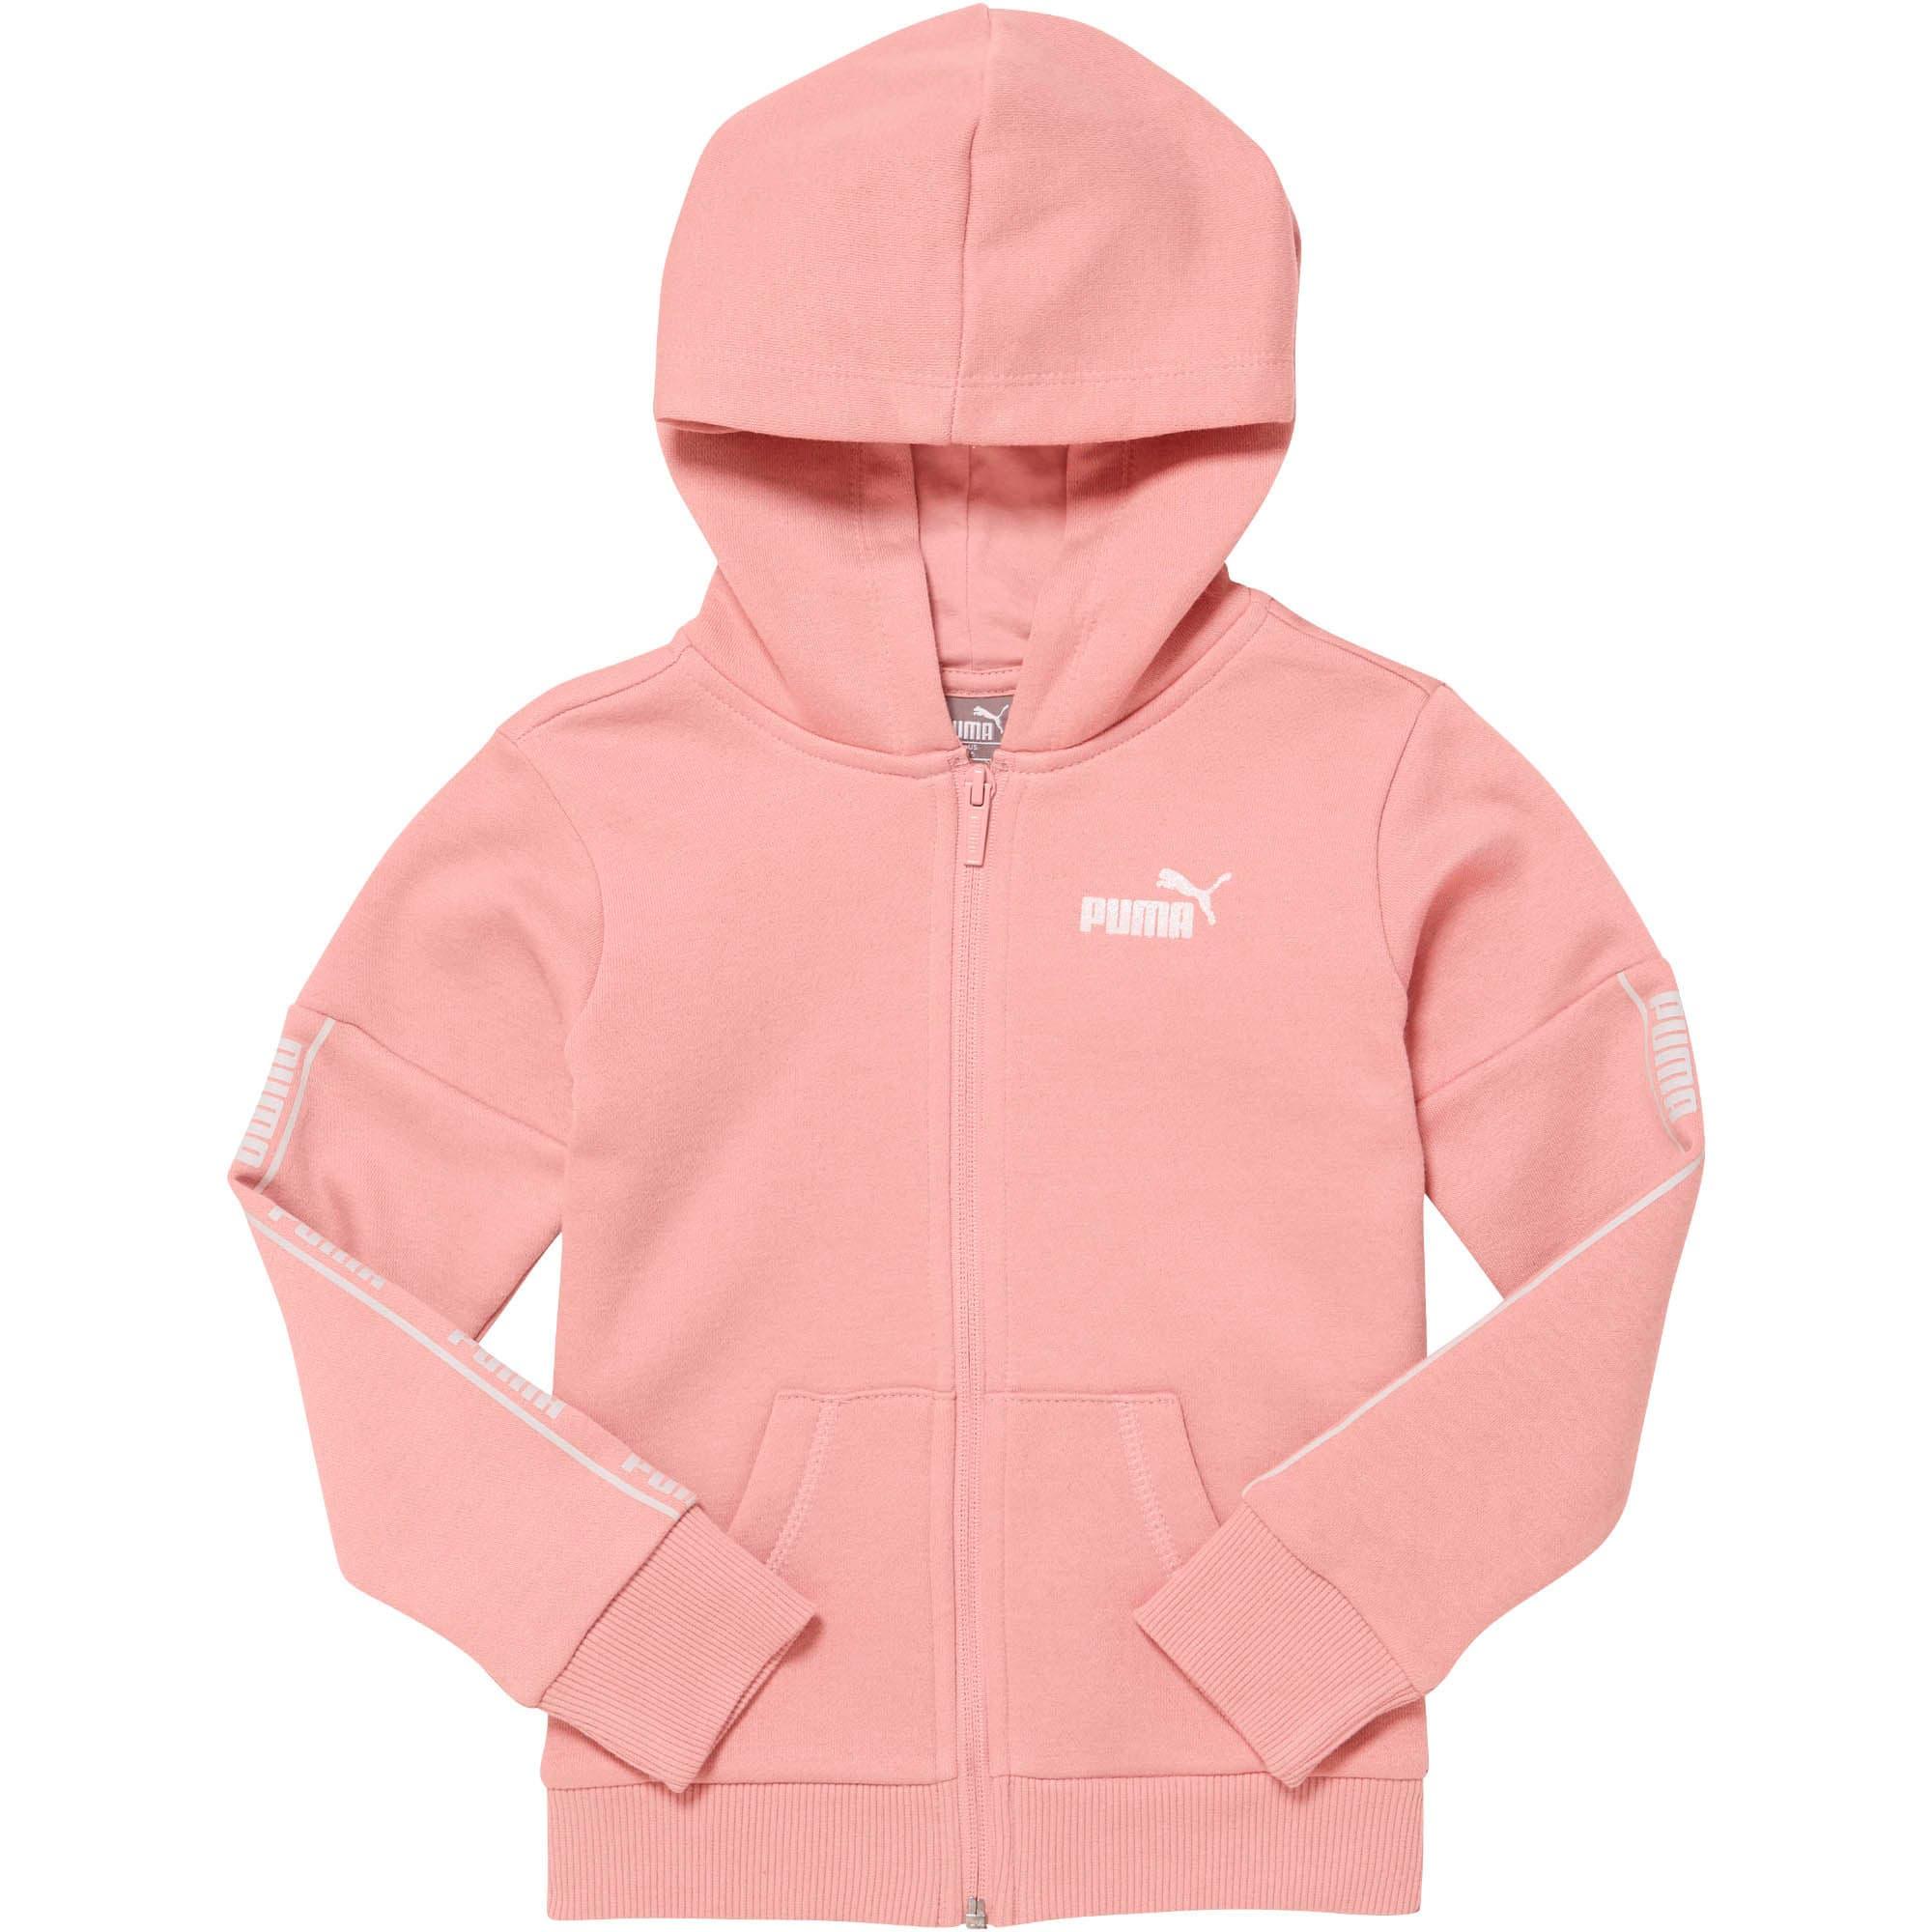 Thumbnail 1 of Amplified Pack Little Kids' Fleece Zip Up Hoodie, BRIDAL ROSE, medium